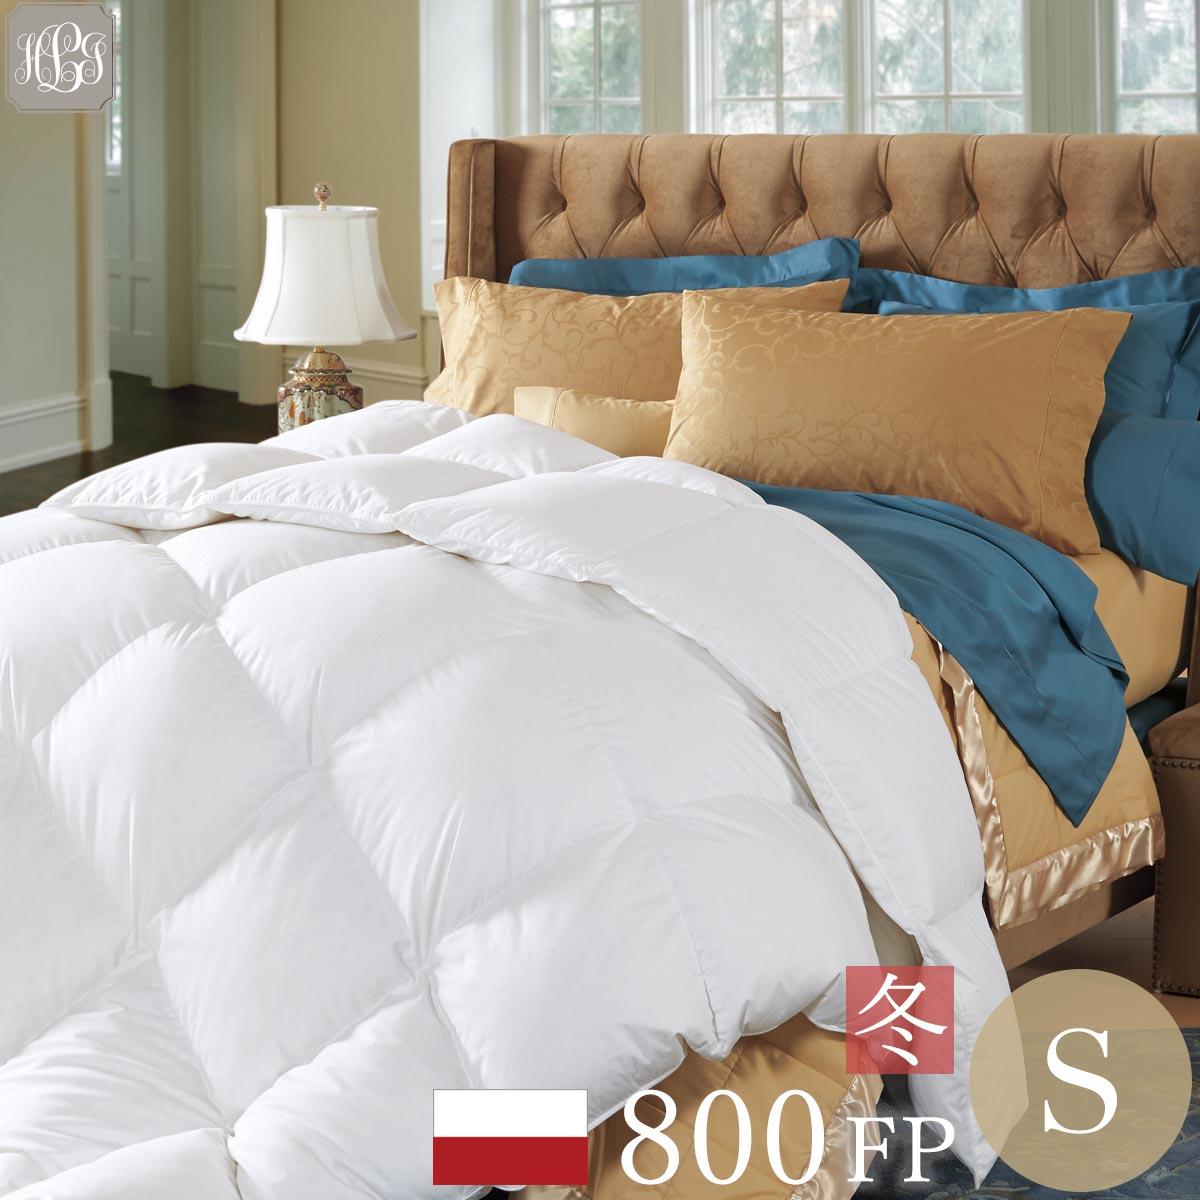 冬用 シングル 150cmx210cm 羽毛布団 800フィルパワーポーランド産ホワイトマザーグースダウン ダウンブランケット